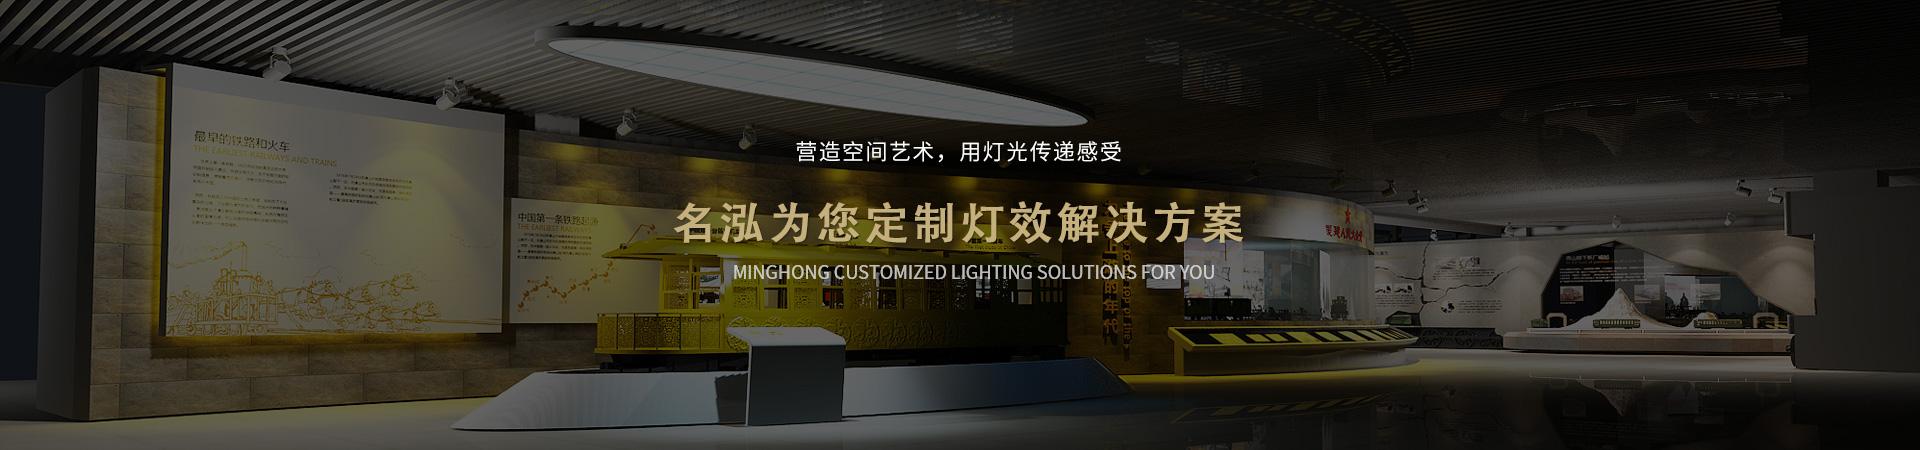 名泓照明-营造空间艺术,用灯光传递感受 名泓为您定制灯效解决方案